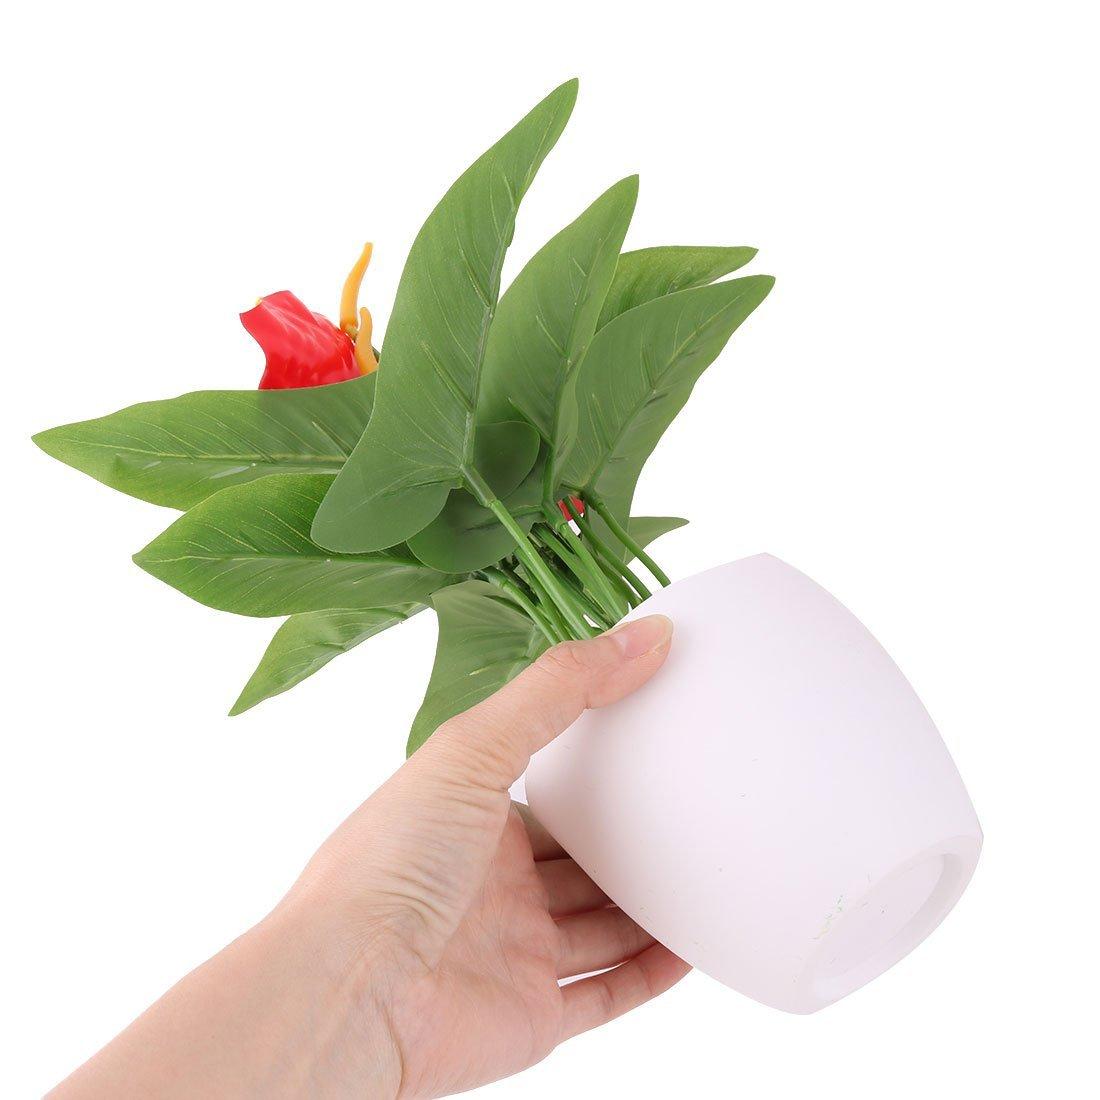 Amazon.com: eDealMax Oficina de plástico cubierta de la maceta Flor de la planta Artificial del arte Adorno de escritorio: Home & Kitchen